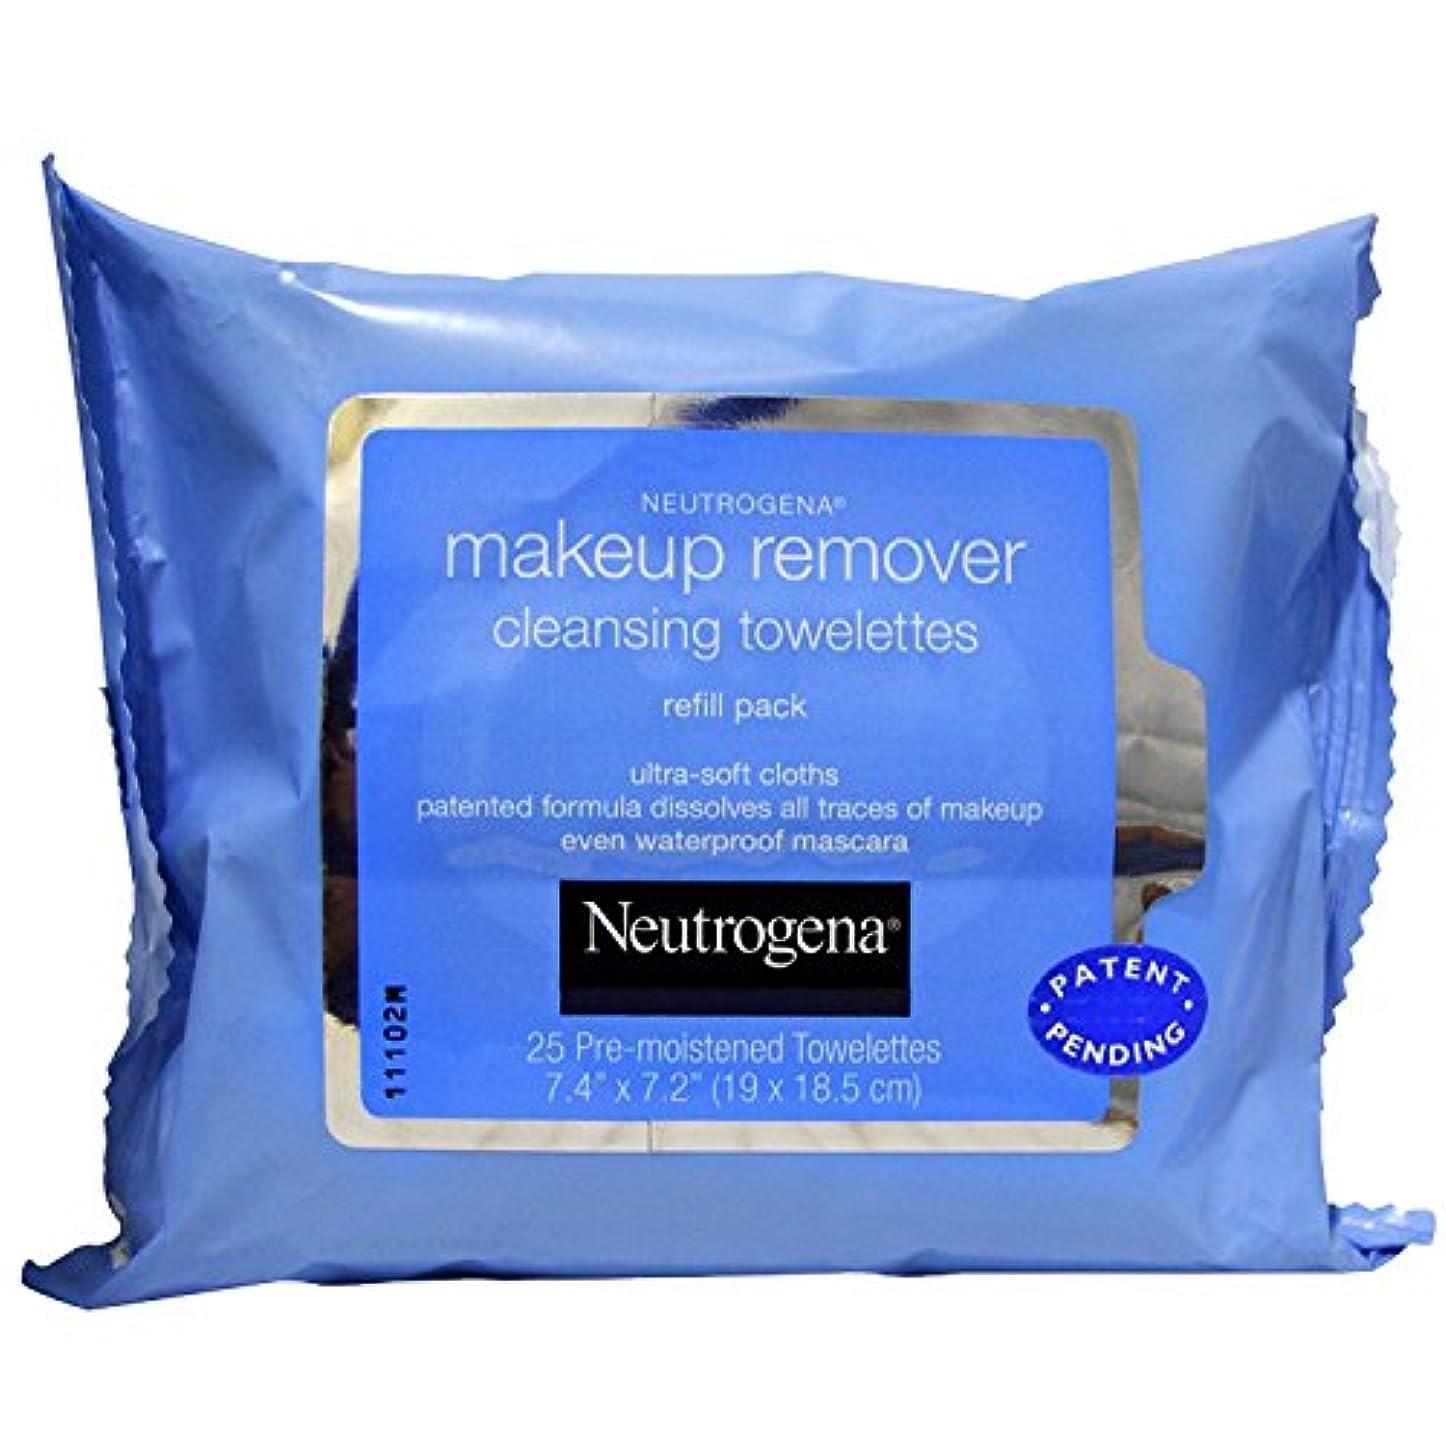 テーマドレス判読できないNEUTROGENA Makeup Remover Cleansing Towelettes Refill Pack - 25 Count - 25 Towelettes